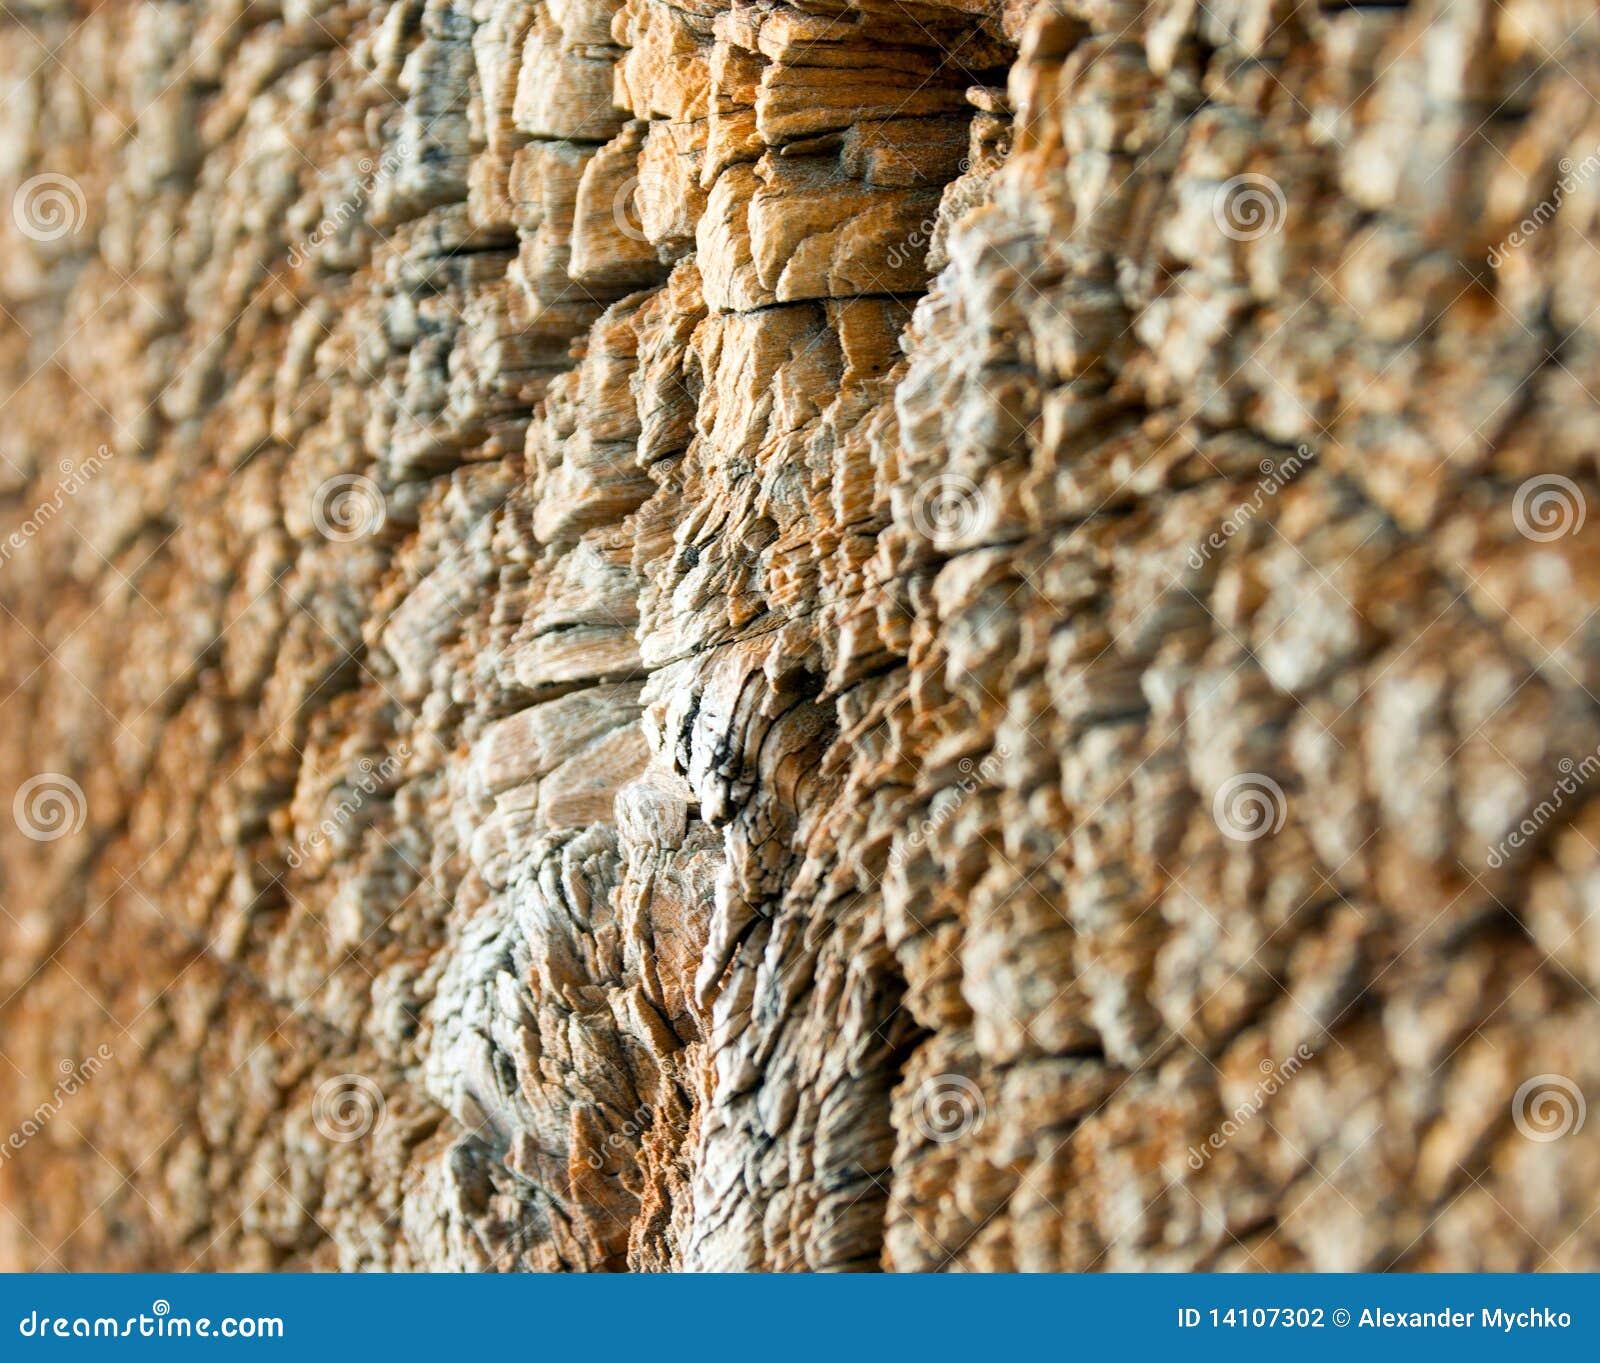 Textur di legno del taglio del primo piano fotografia for Piani principali del primo piano